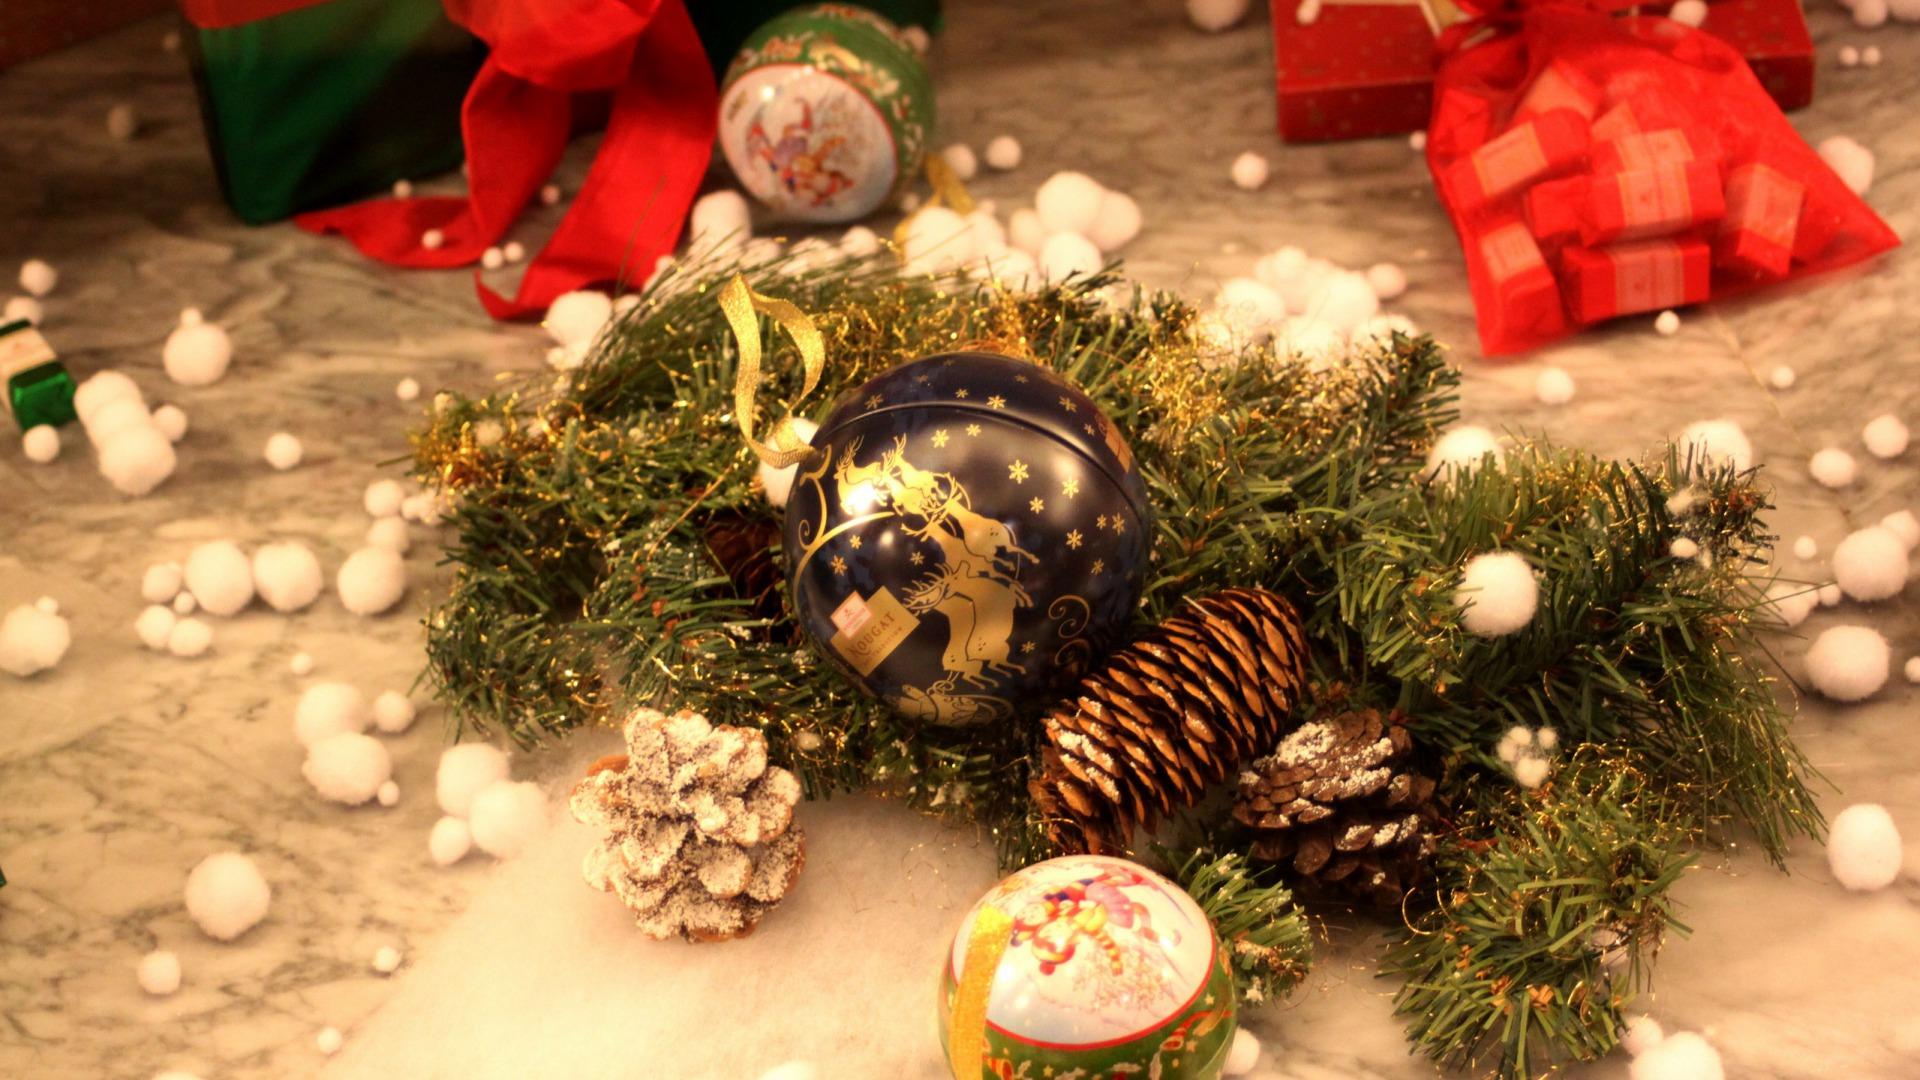 Bộ Sưu Tập Ảnh Giáng Sinh - Page 3 Christmasballs16